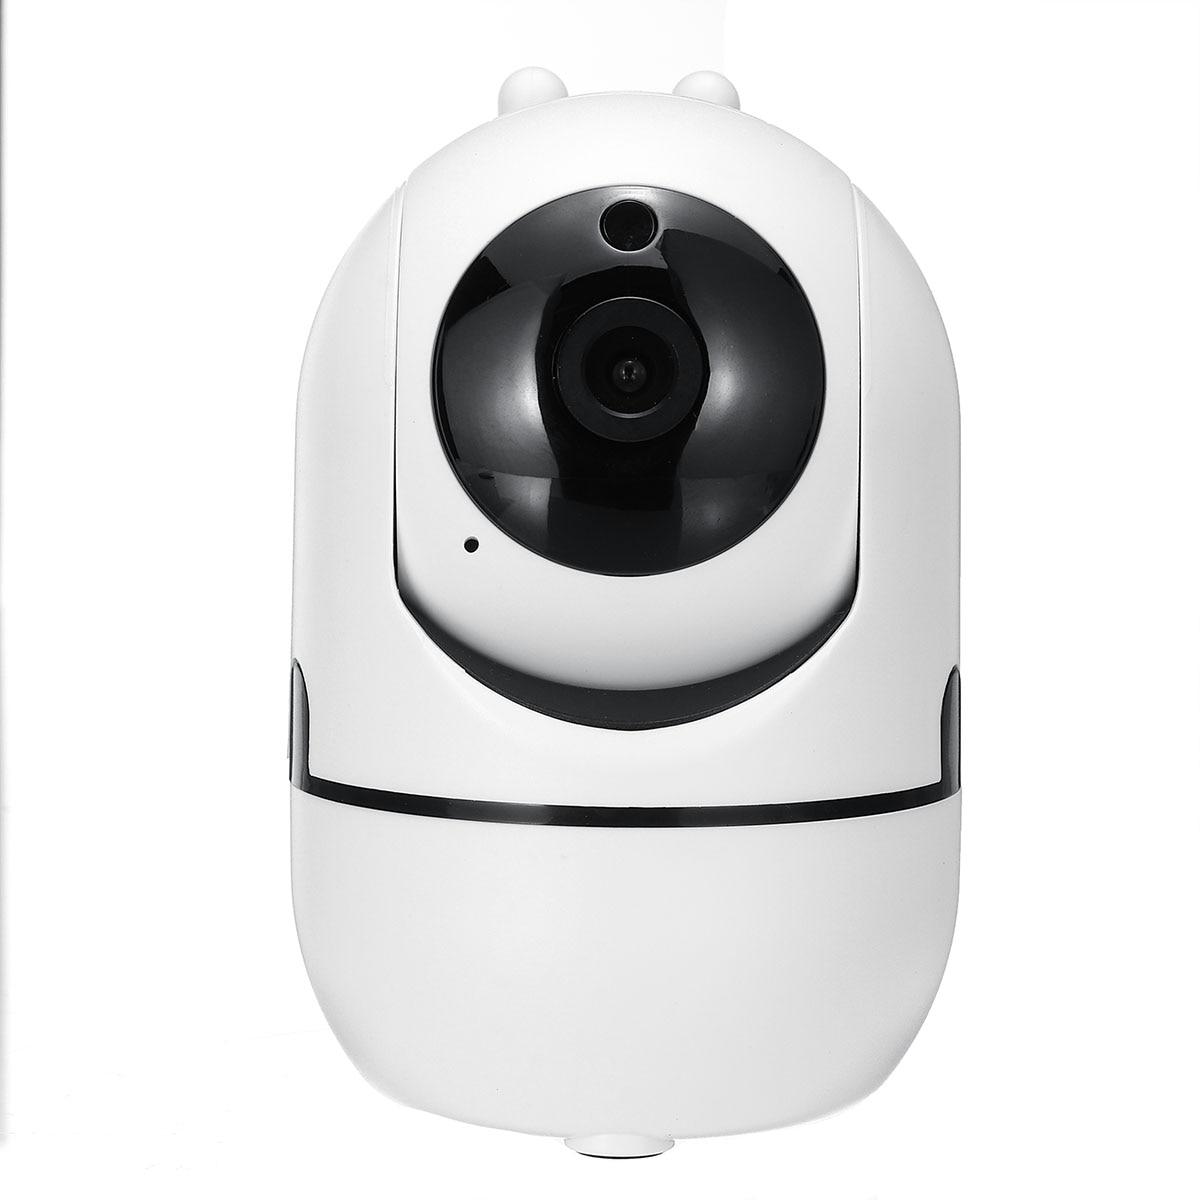 Share To 720P IP Camera Wifi Dual Antenna P2P Audio Outdoor IR Night Vision Home Security Remote Coud Storage EU/US/UK/AU PlugShare To 720P IP Camera Wifi Dual Antenna P2P Audio Outdoor IR Night Vision Home Security Remote Coud Storage EU/US/UK/AU Plug